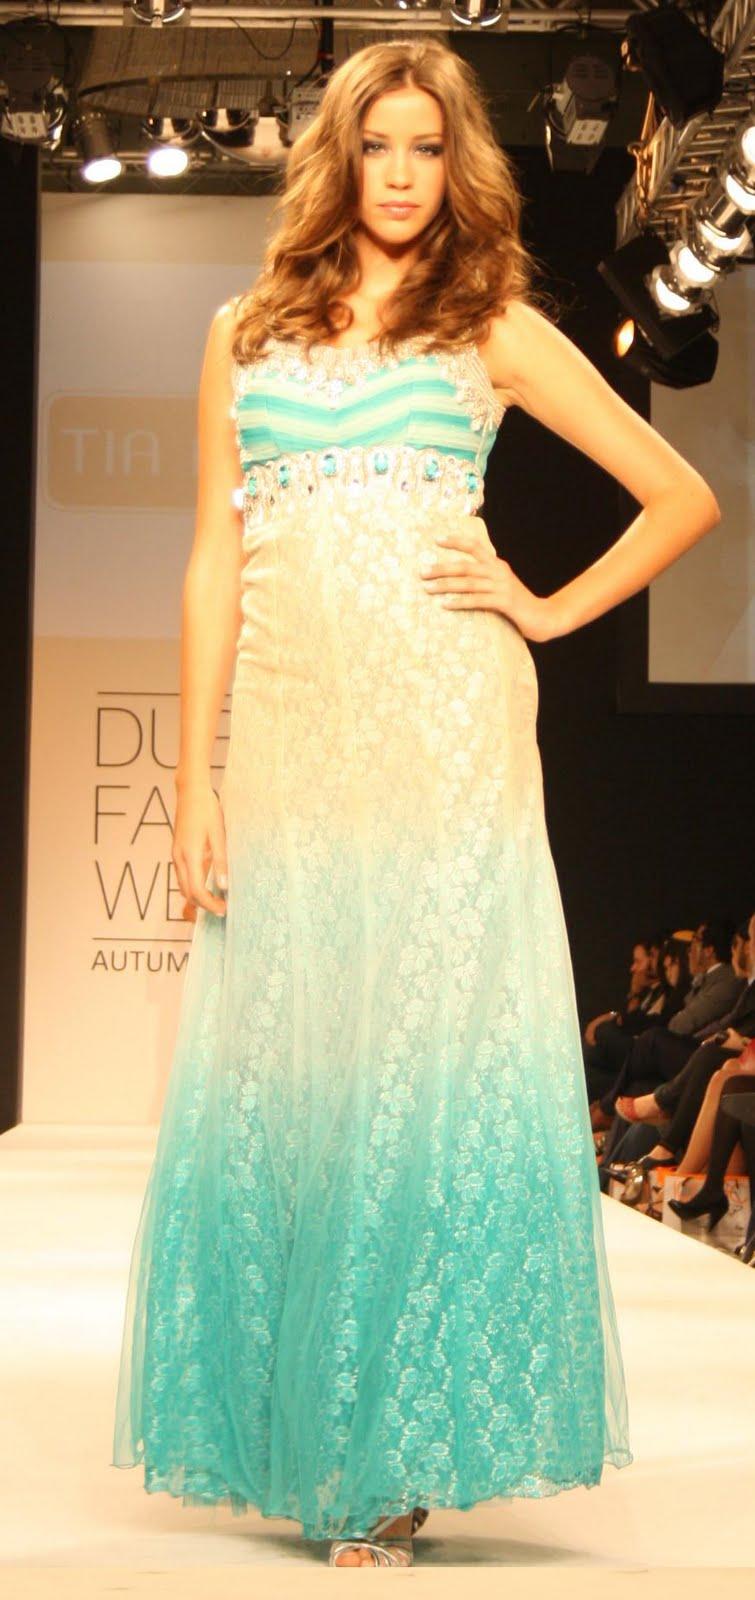 Abaya dubai fashion week in diffrnt style (4) Abaya 12